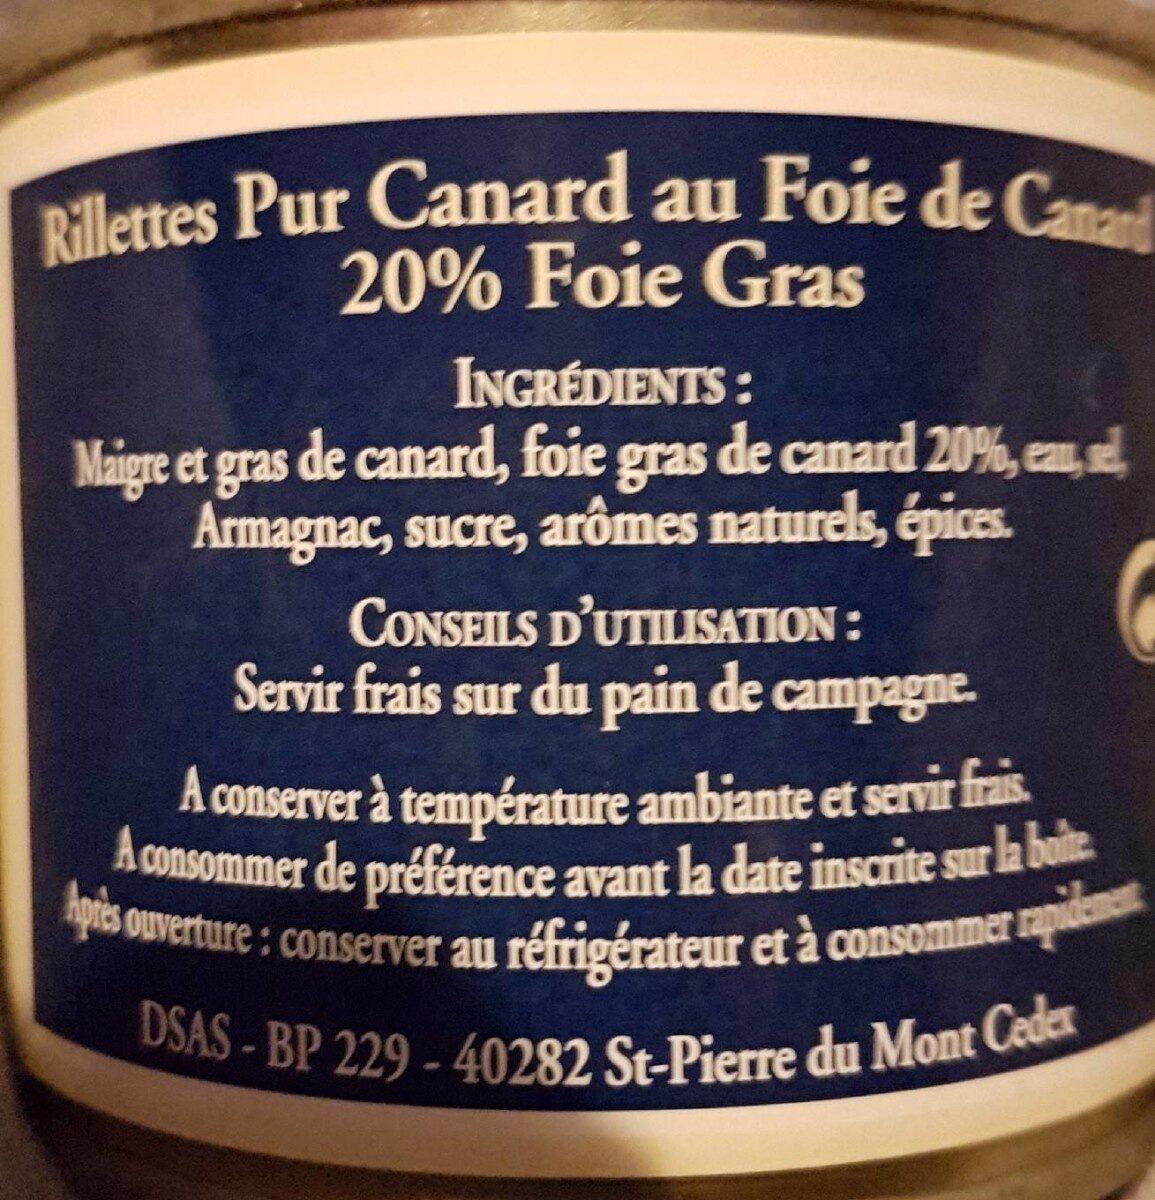 Rillettes Pur Canard au Foie de Canard (20% de foie gras) - Informations nutritionnelles - fr